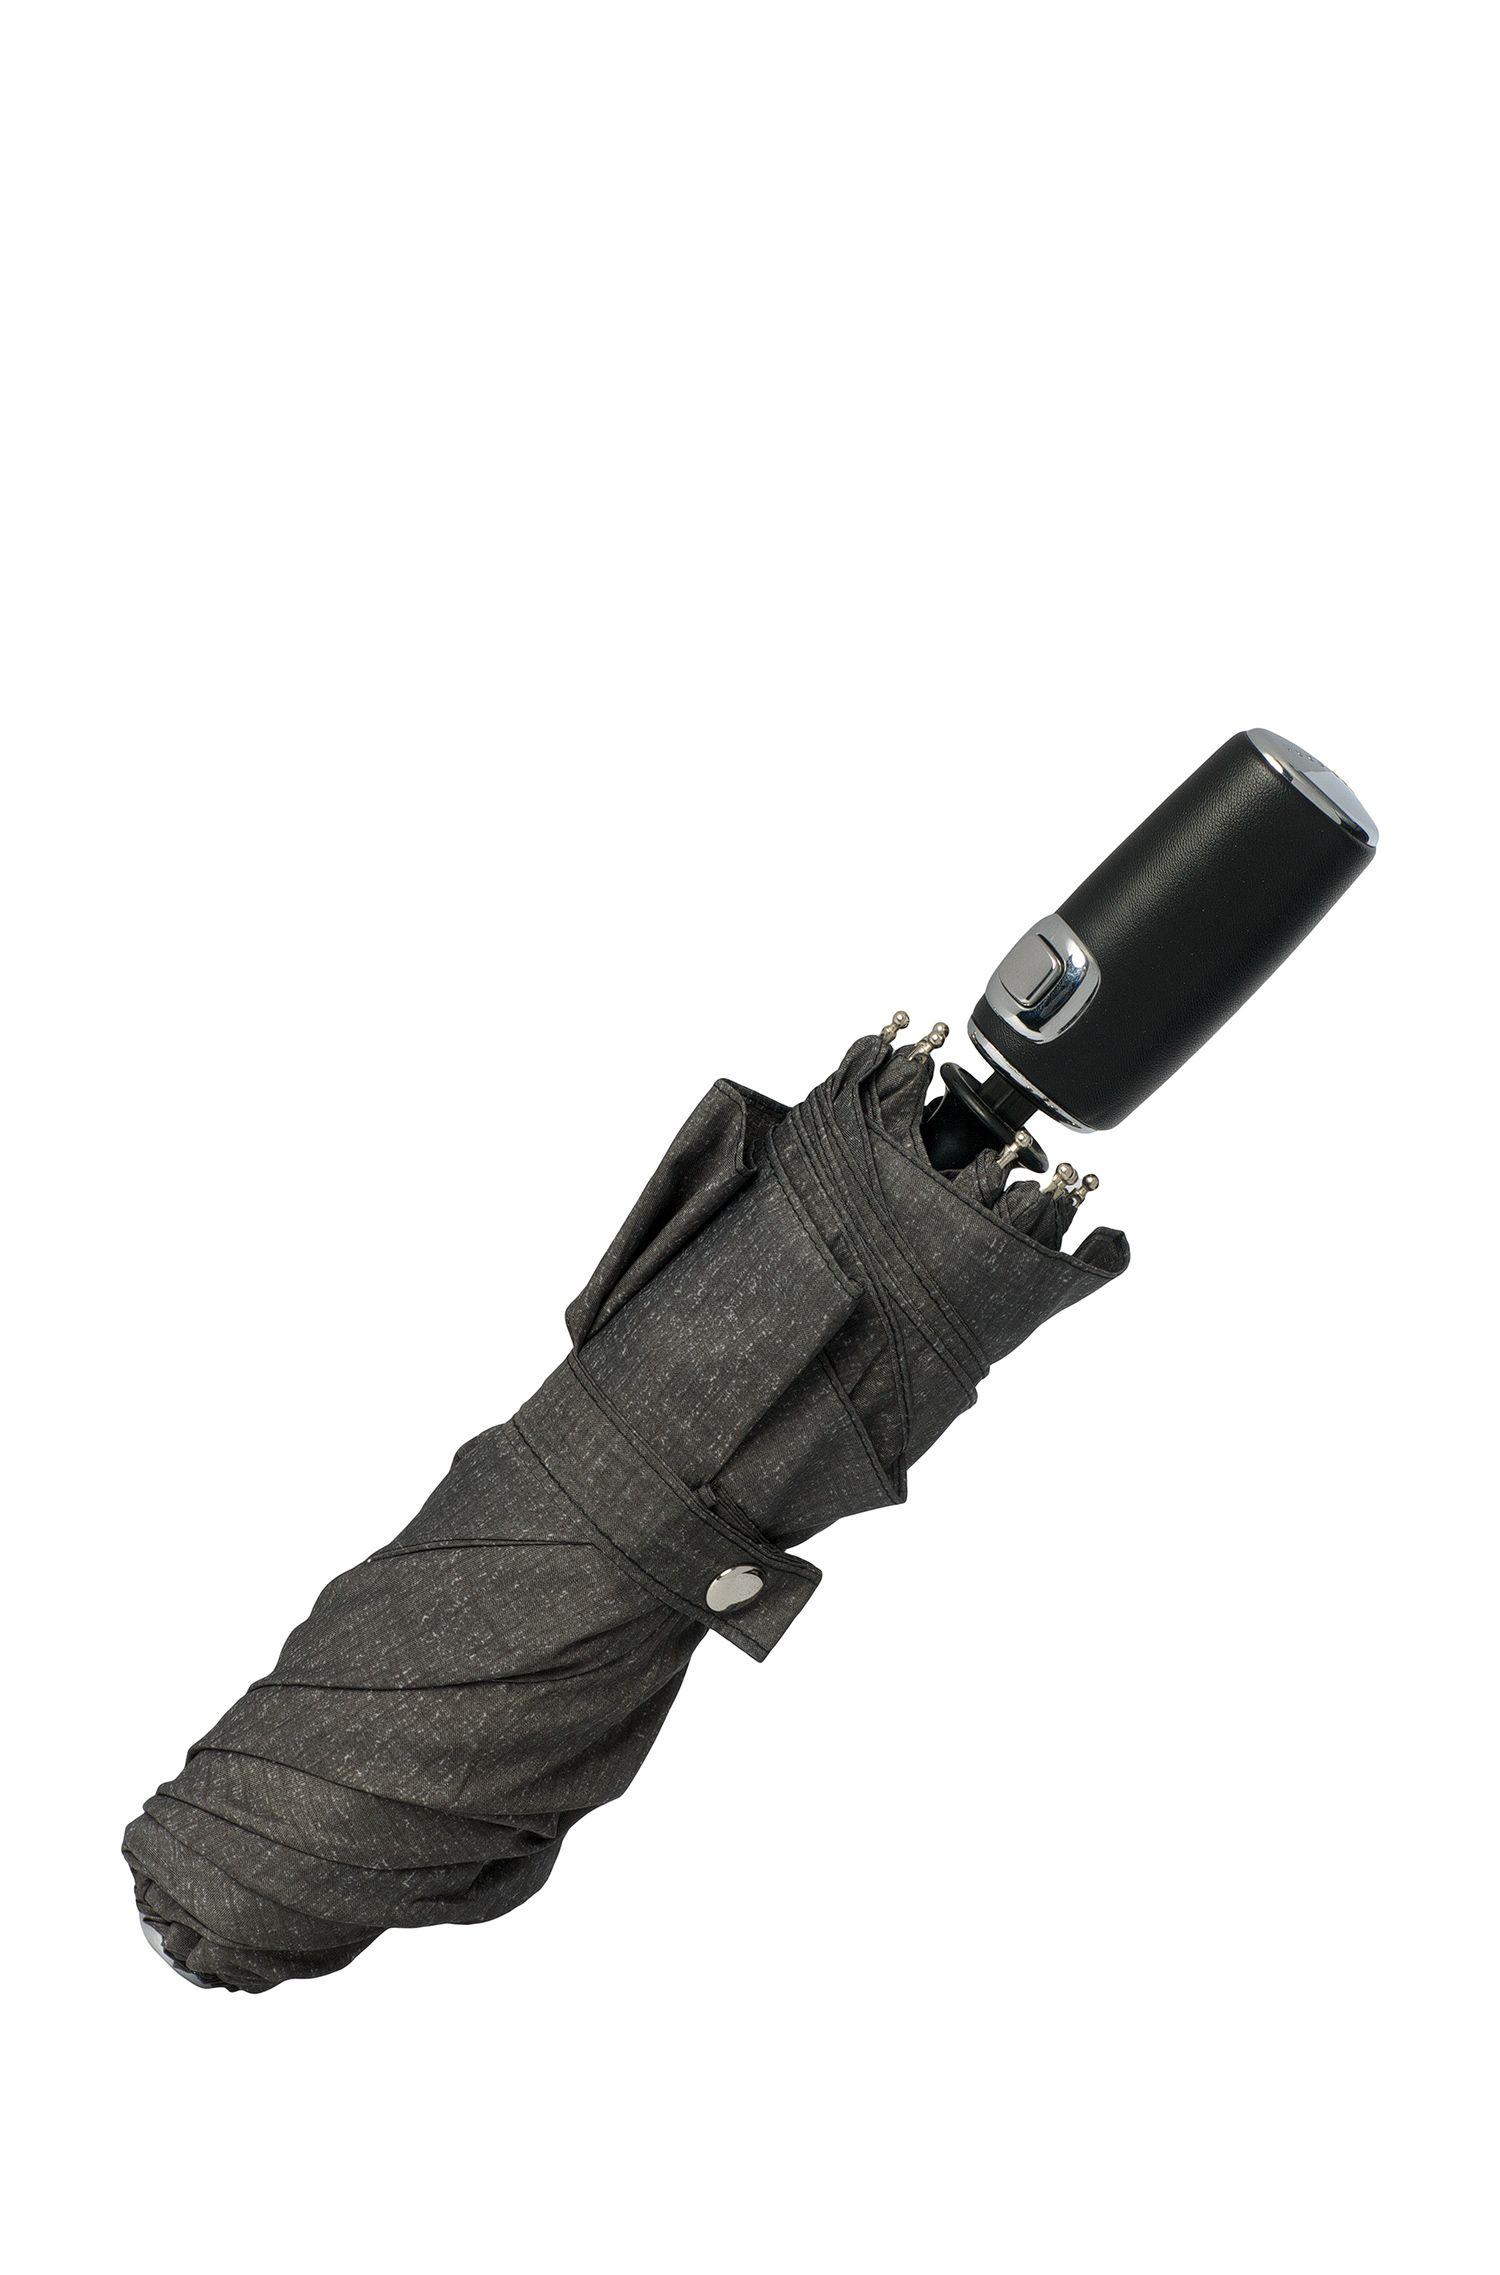 Grau melierter Schirm mit automatischem Öffnungsmechanismus